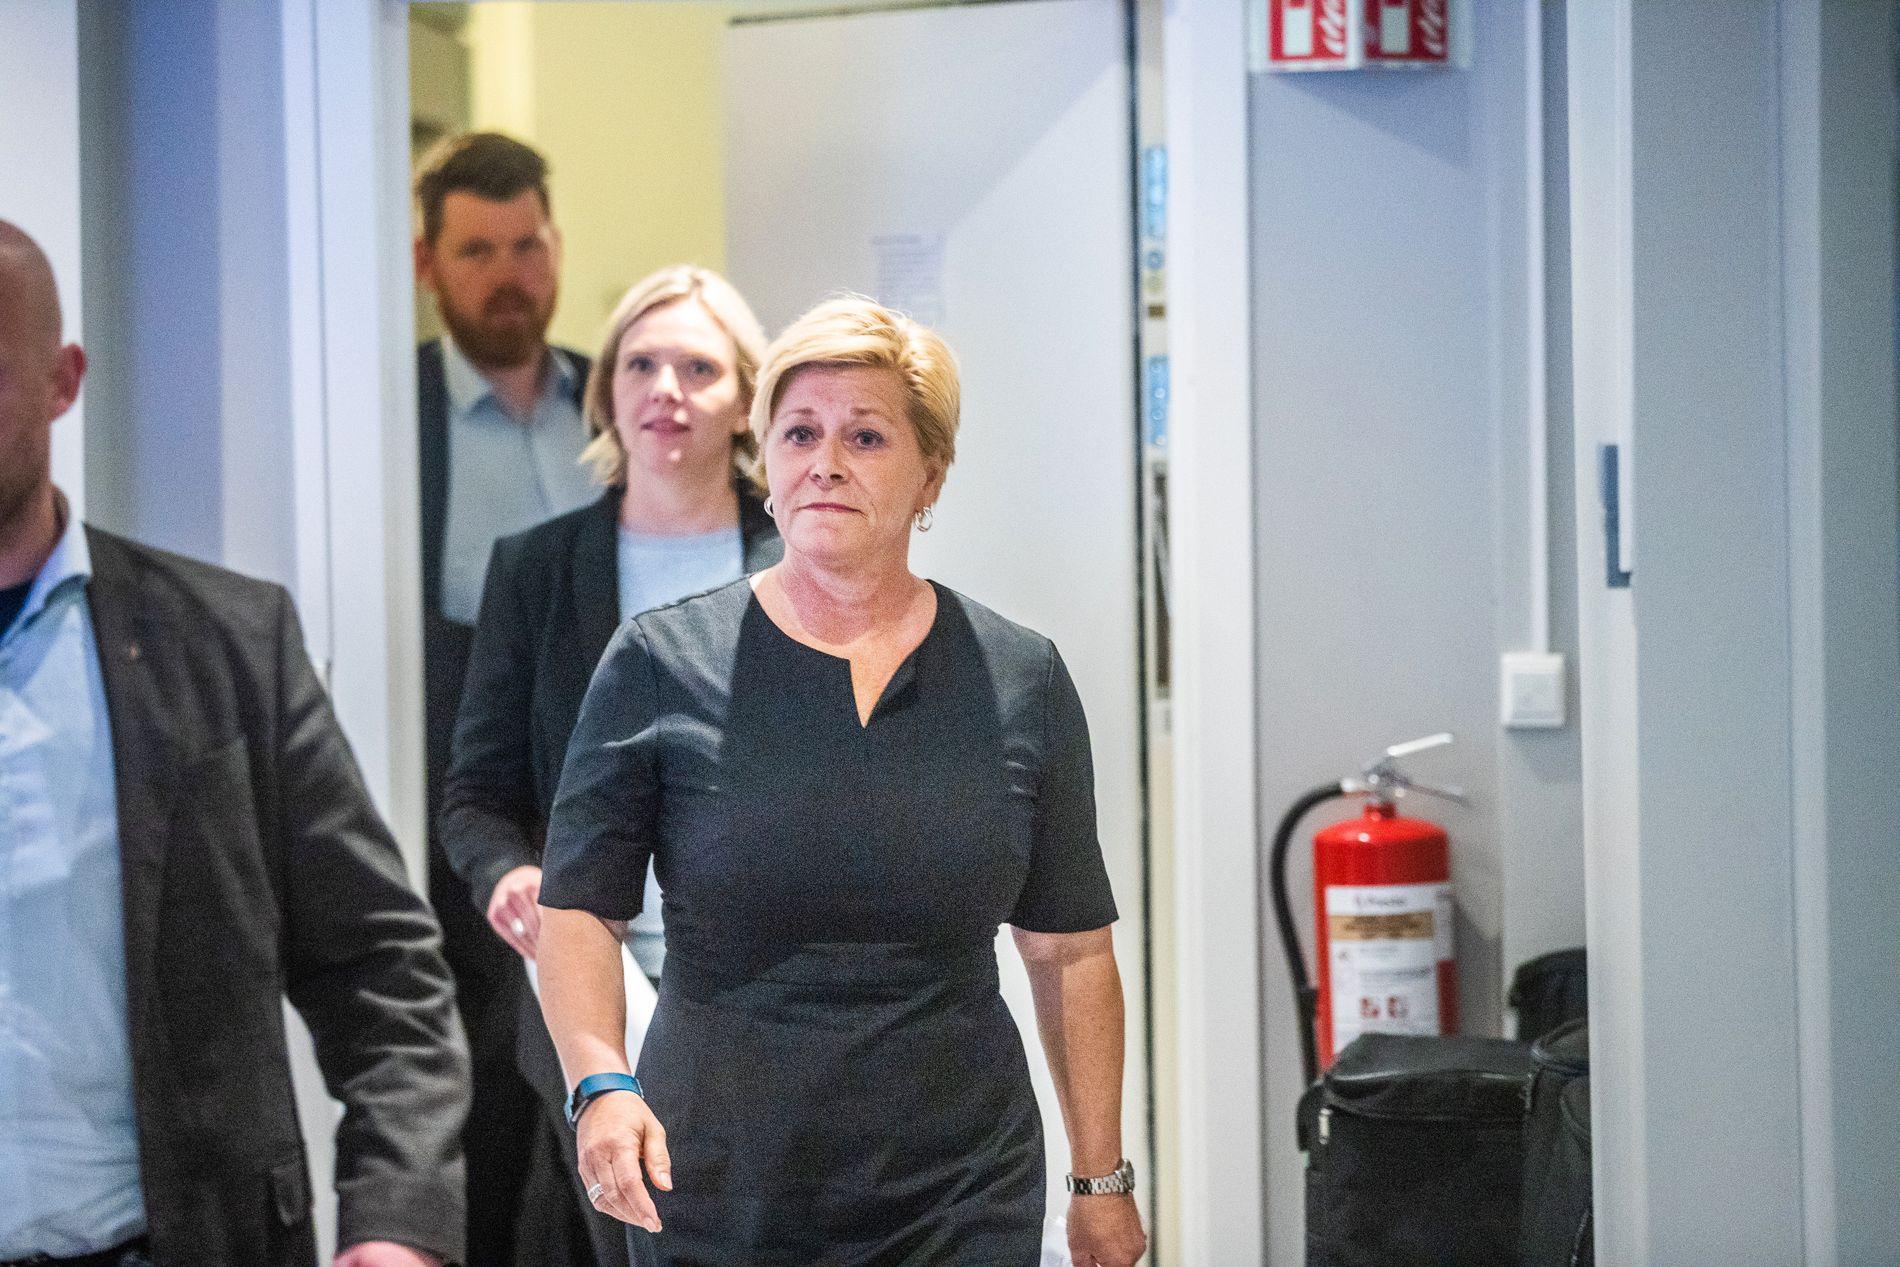 KONTRER MOT VEDUM: Siv Jensen avbildet på vei inn til pressekonferansen etter landsstyremøtet om bom-opprøret i Frp sist onsdag. Hakk i hæl følger nestleder Sylvi Listhaug og statssekretær Atle Simonsen.